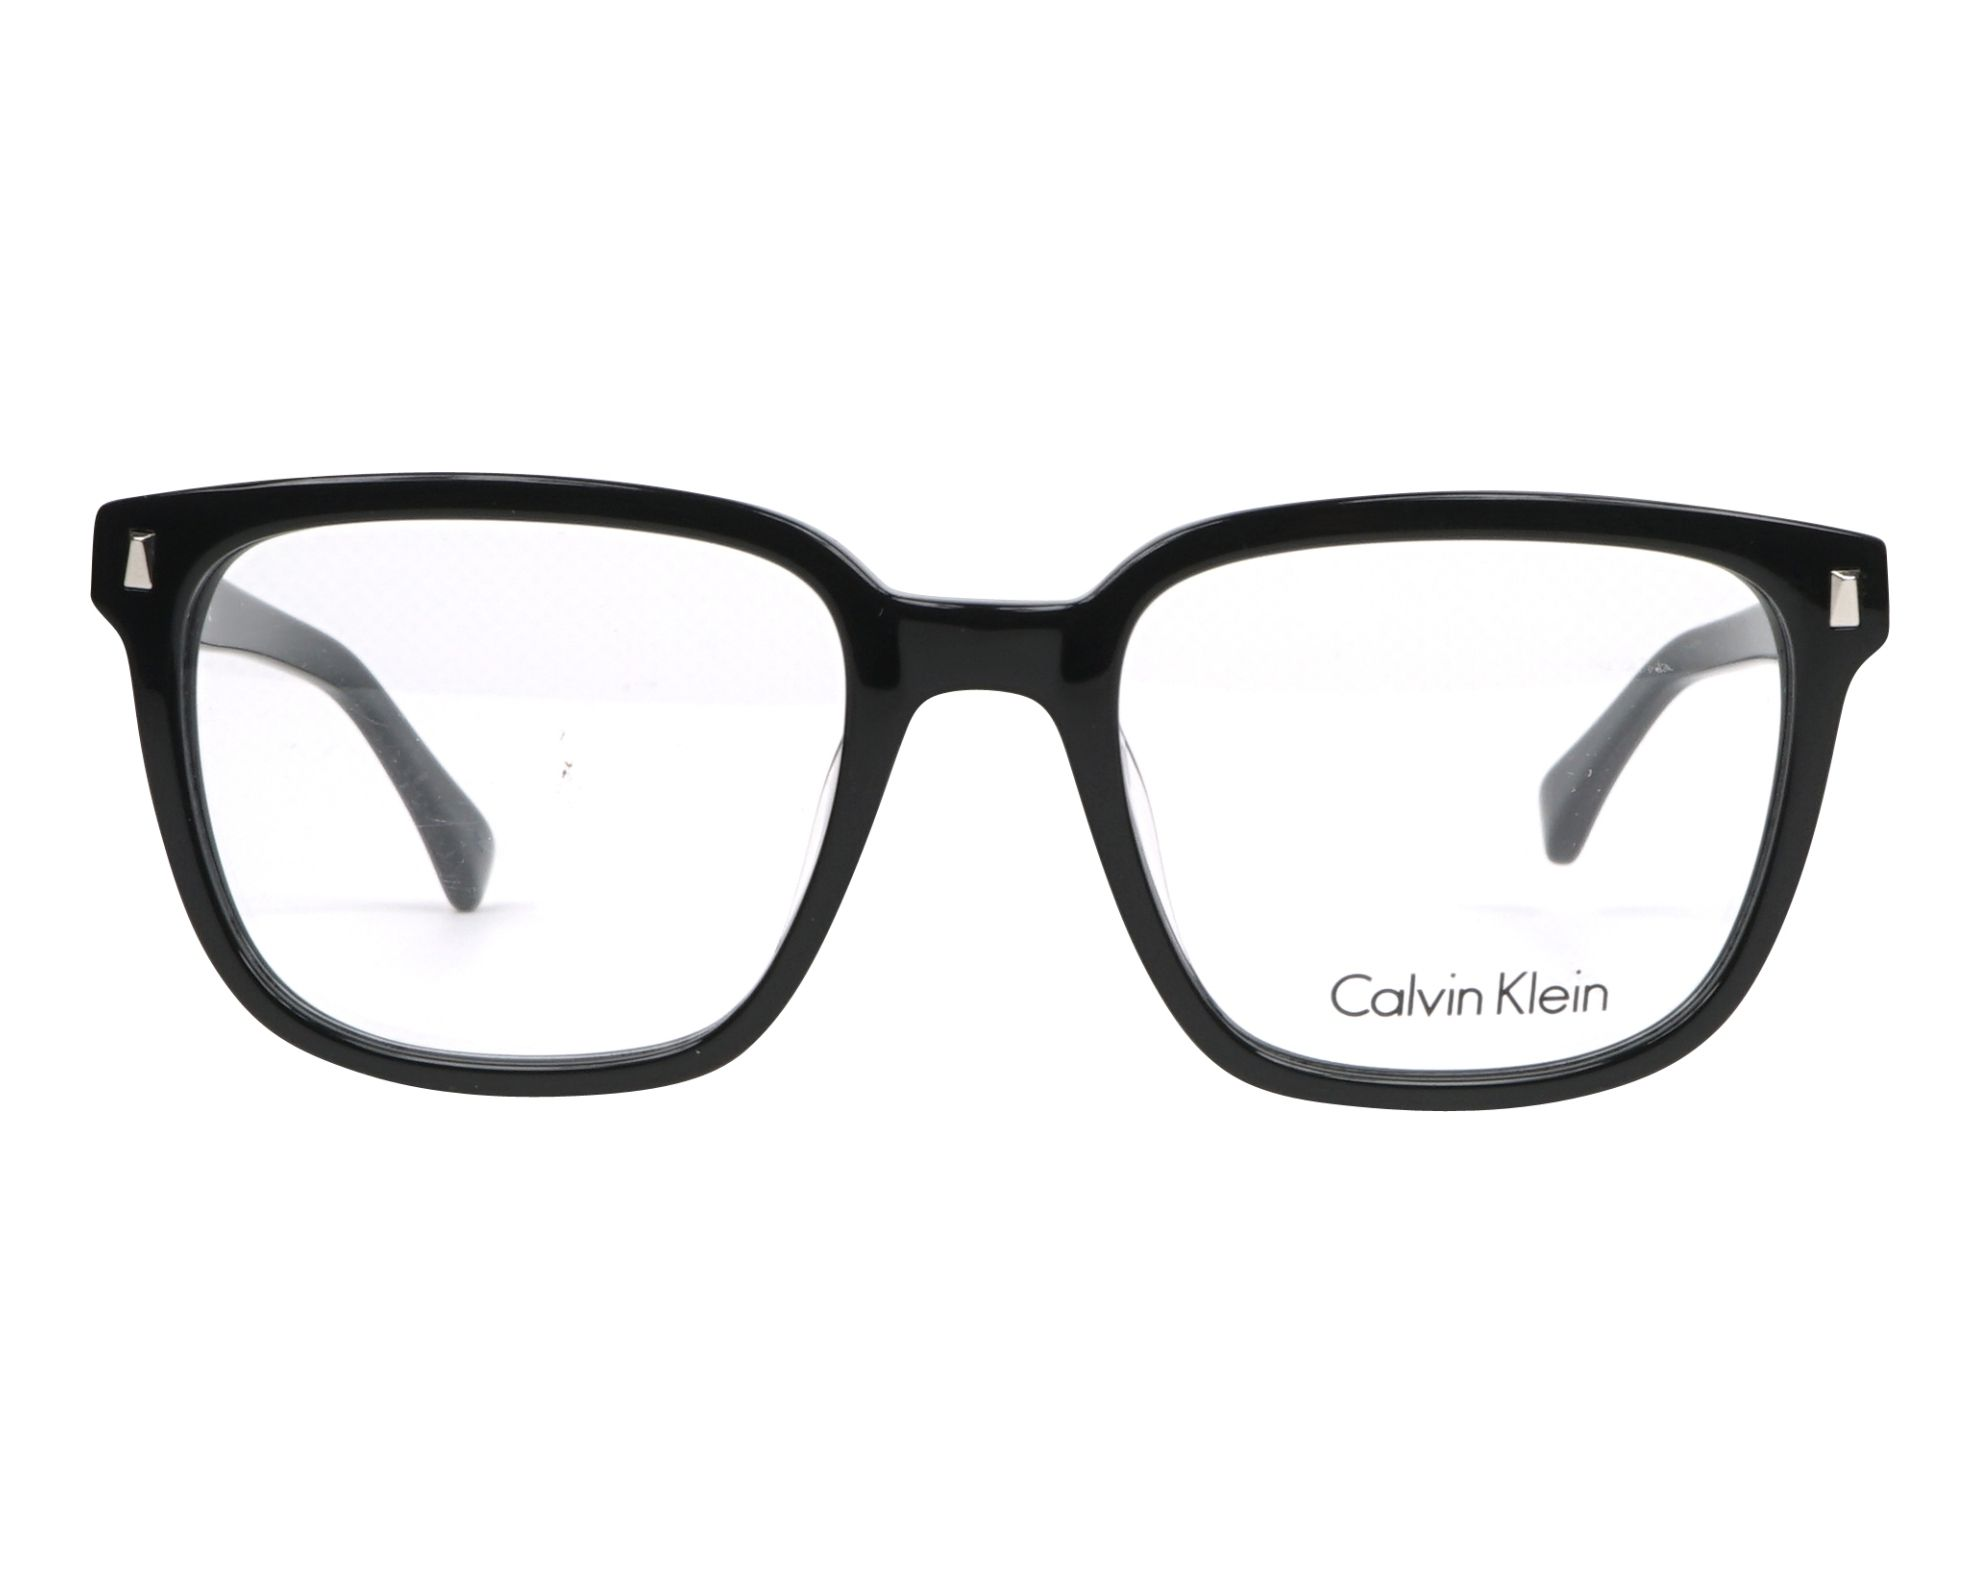 df32a36ba3 Gafas Graduadas Calvin Klein CK-5862 001 52-19 Negra vista de frente